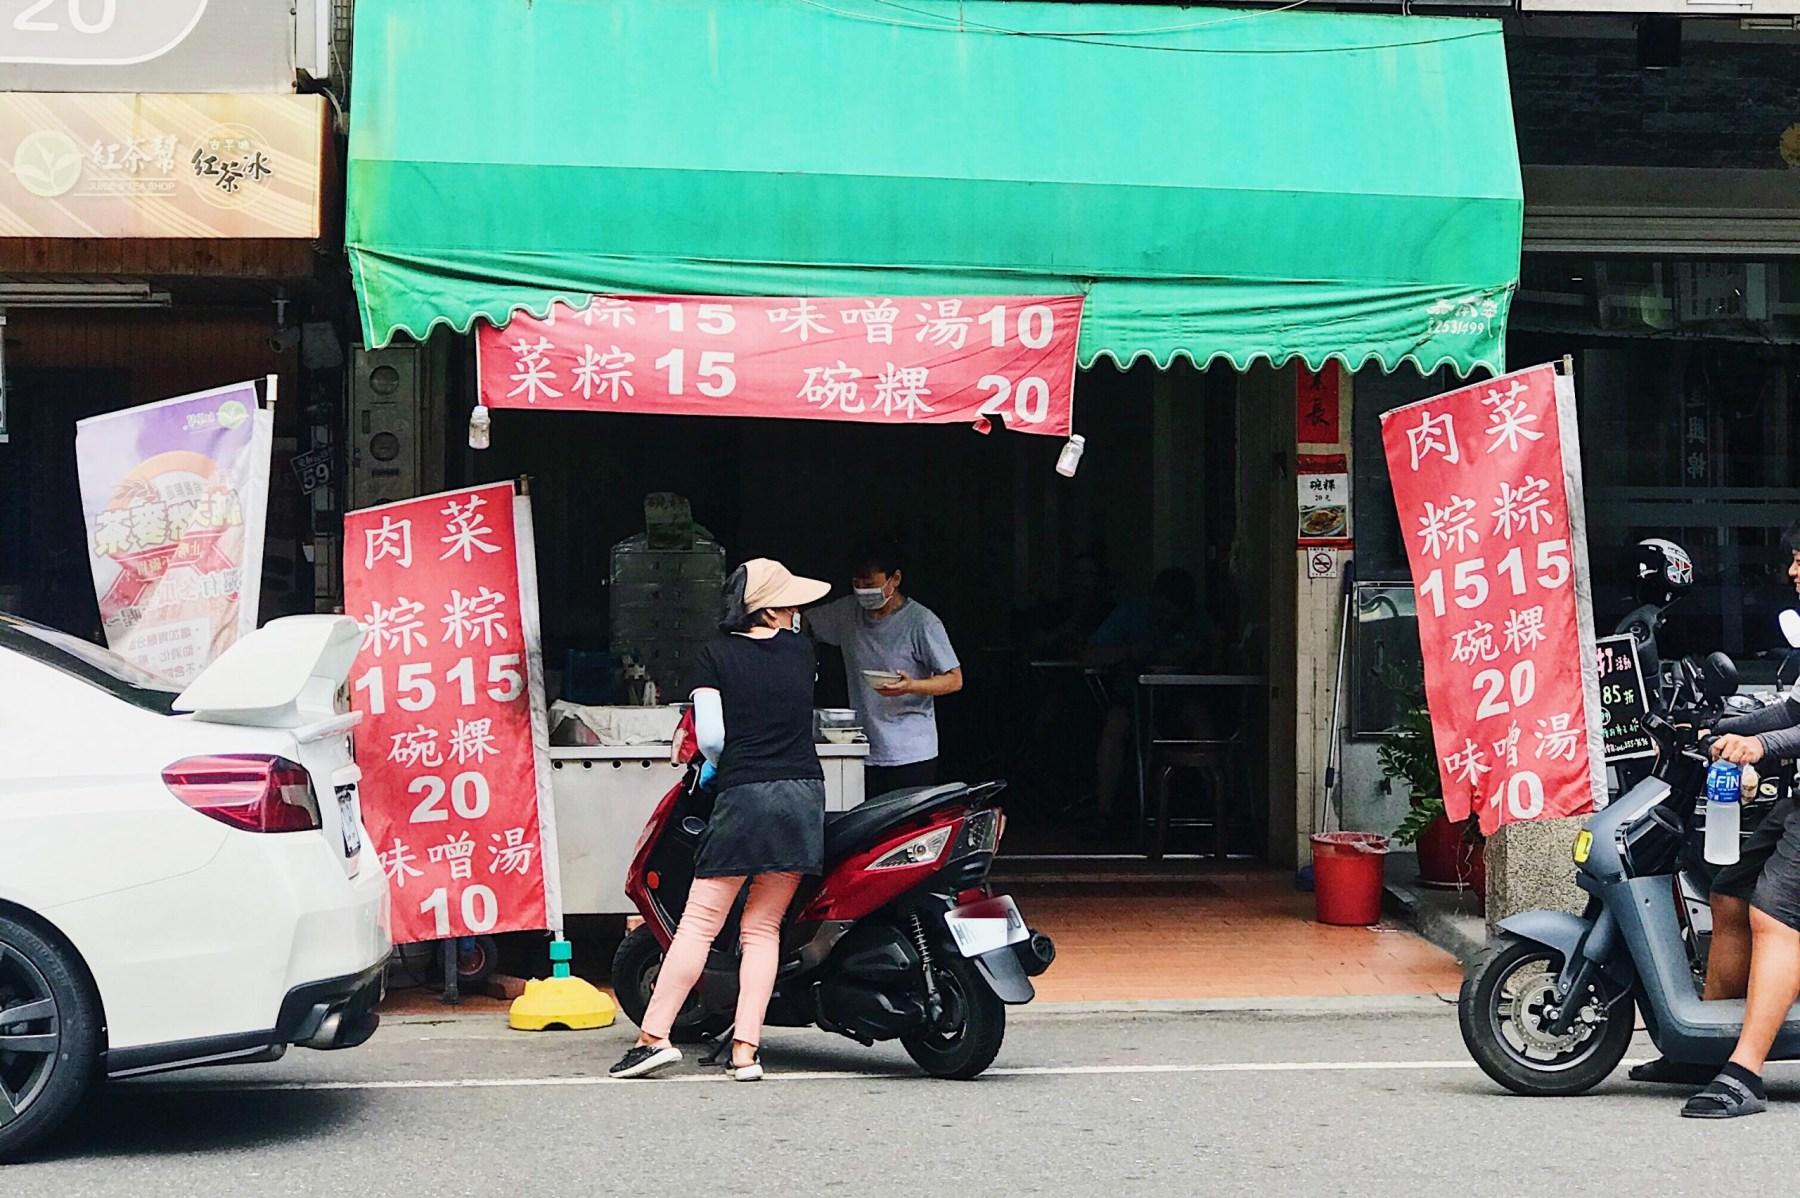 (台南肉粽)15元無名肉粽,在地經營40年,無招牌、無電話,安南區超級隱藏版在地美食。